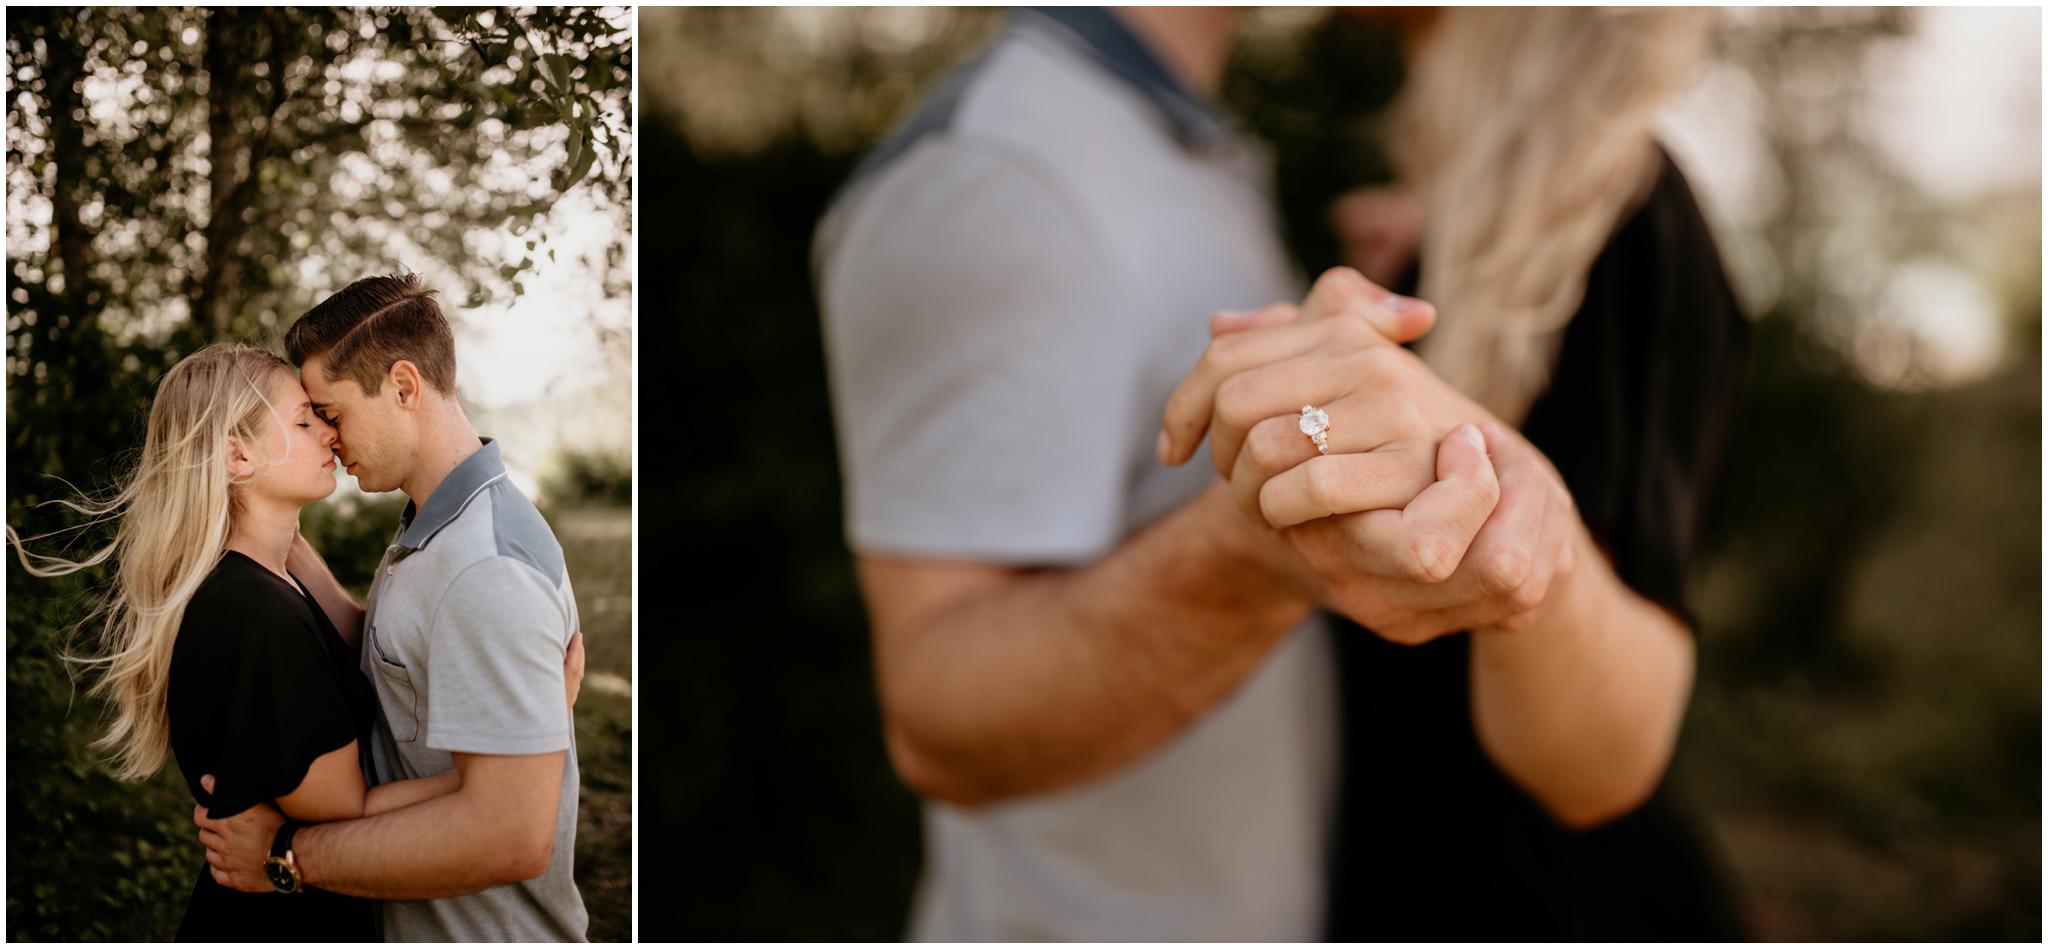 katie-nolan-rattlesnake-lake-engagement-session-seattle-wedding-photographer-022.jpg